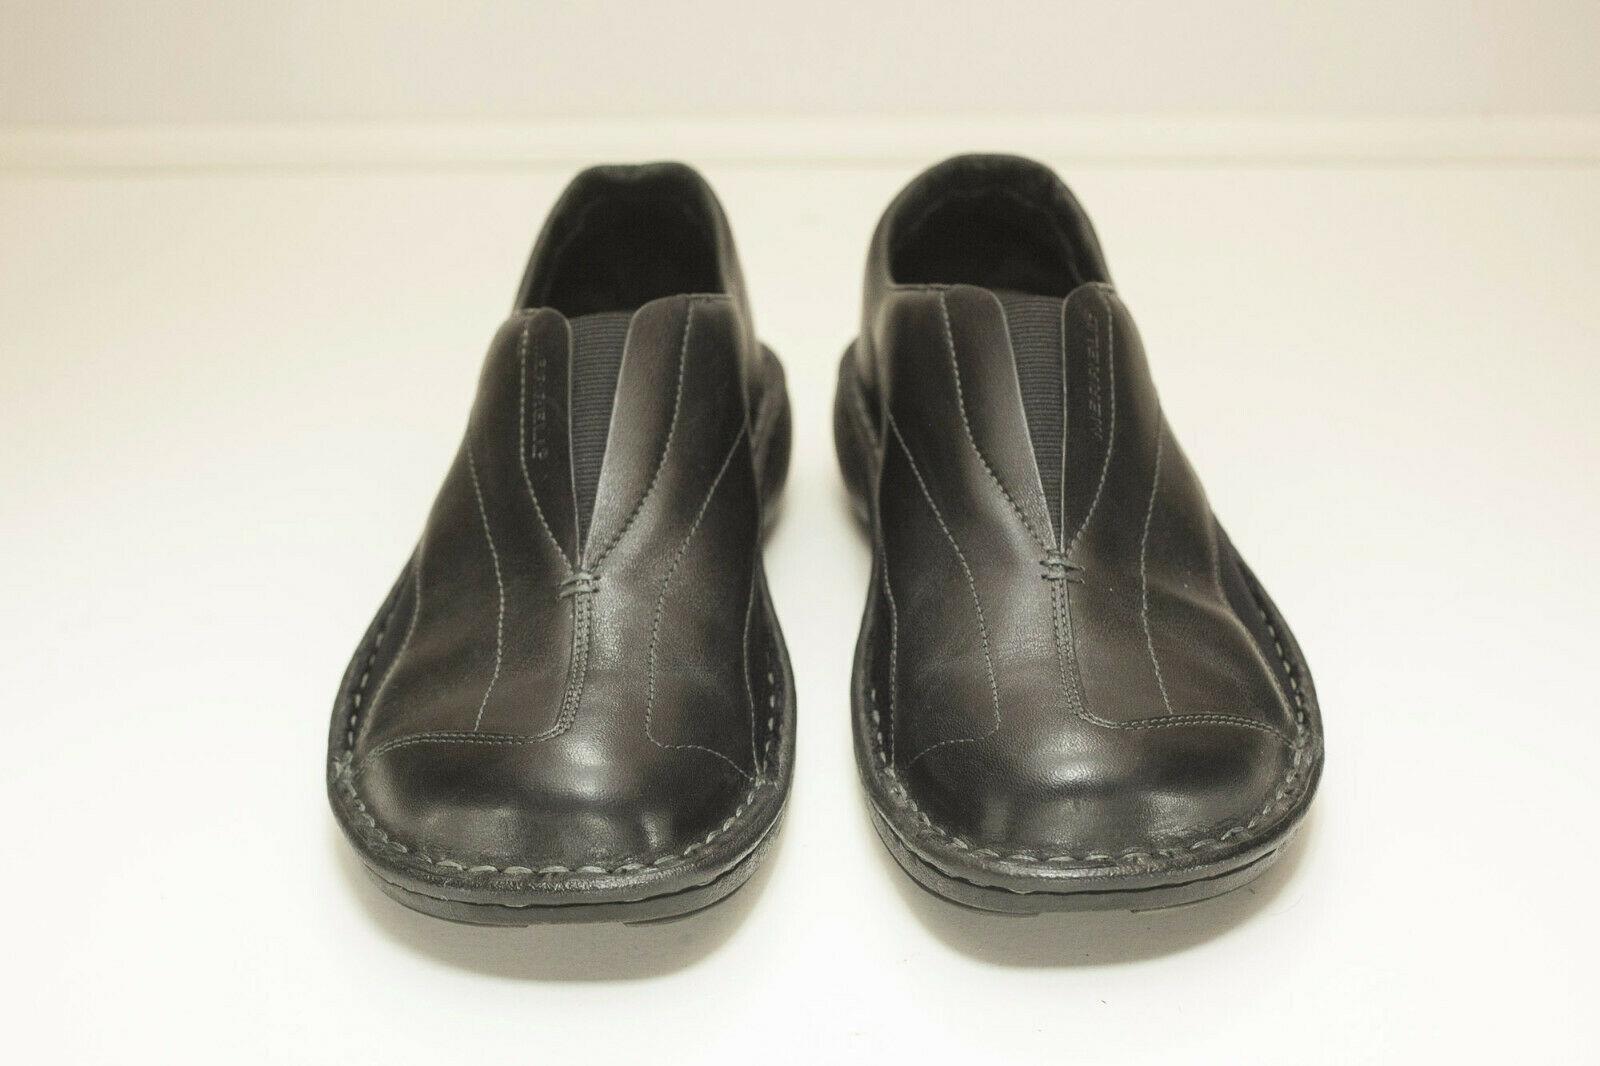 Merrell US 7.5 Black Slip On Women's